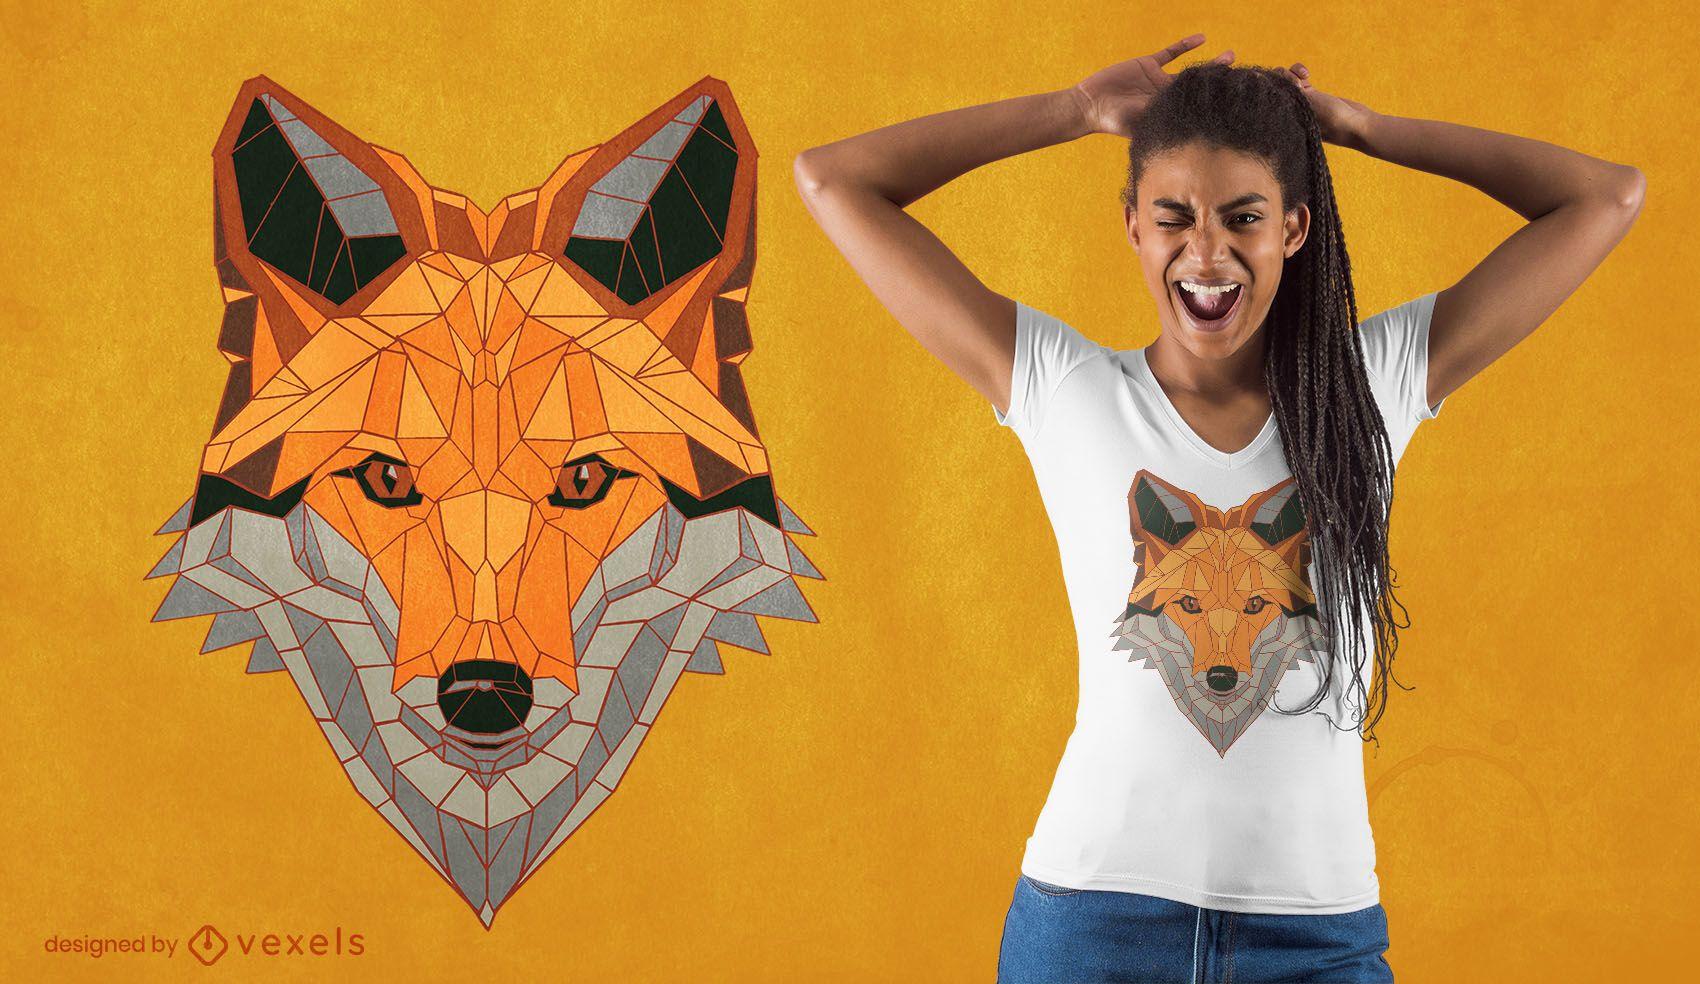 Dise?o de camiseta de zorro poligonal.